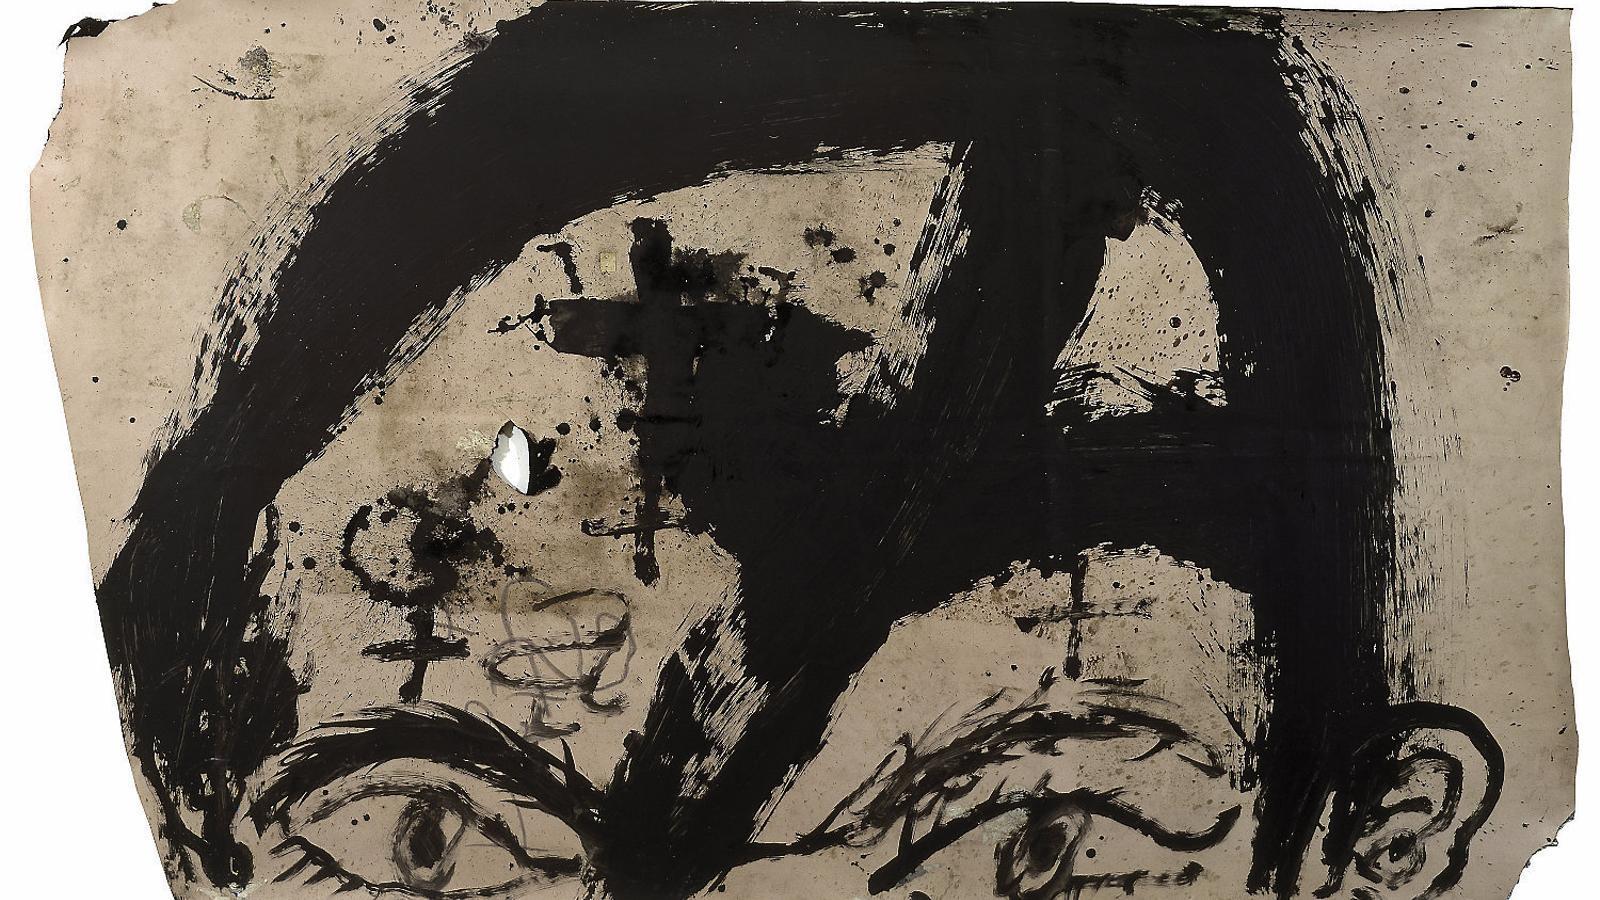 Cara, una de les obres de la sèrie d'Antoni Tàpies Certeses sentides.